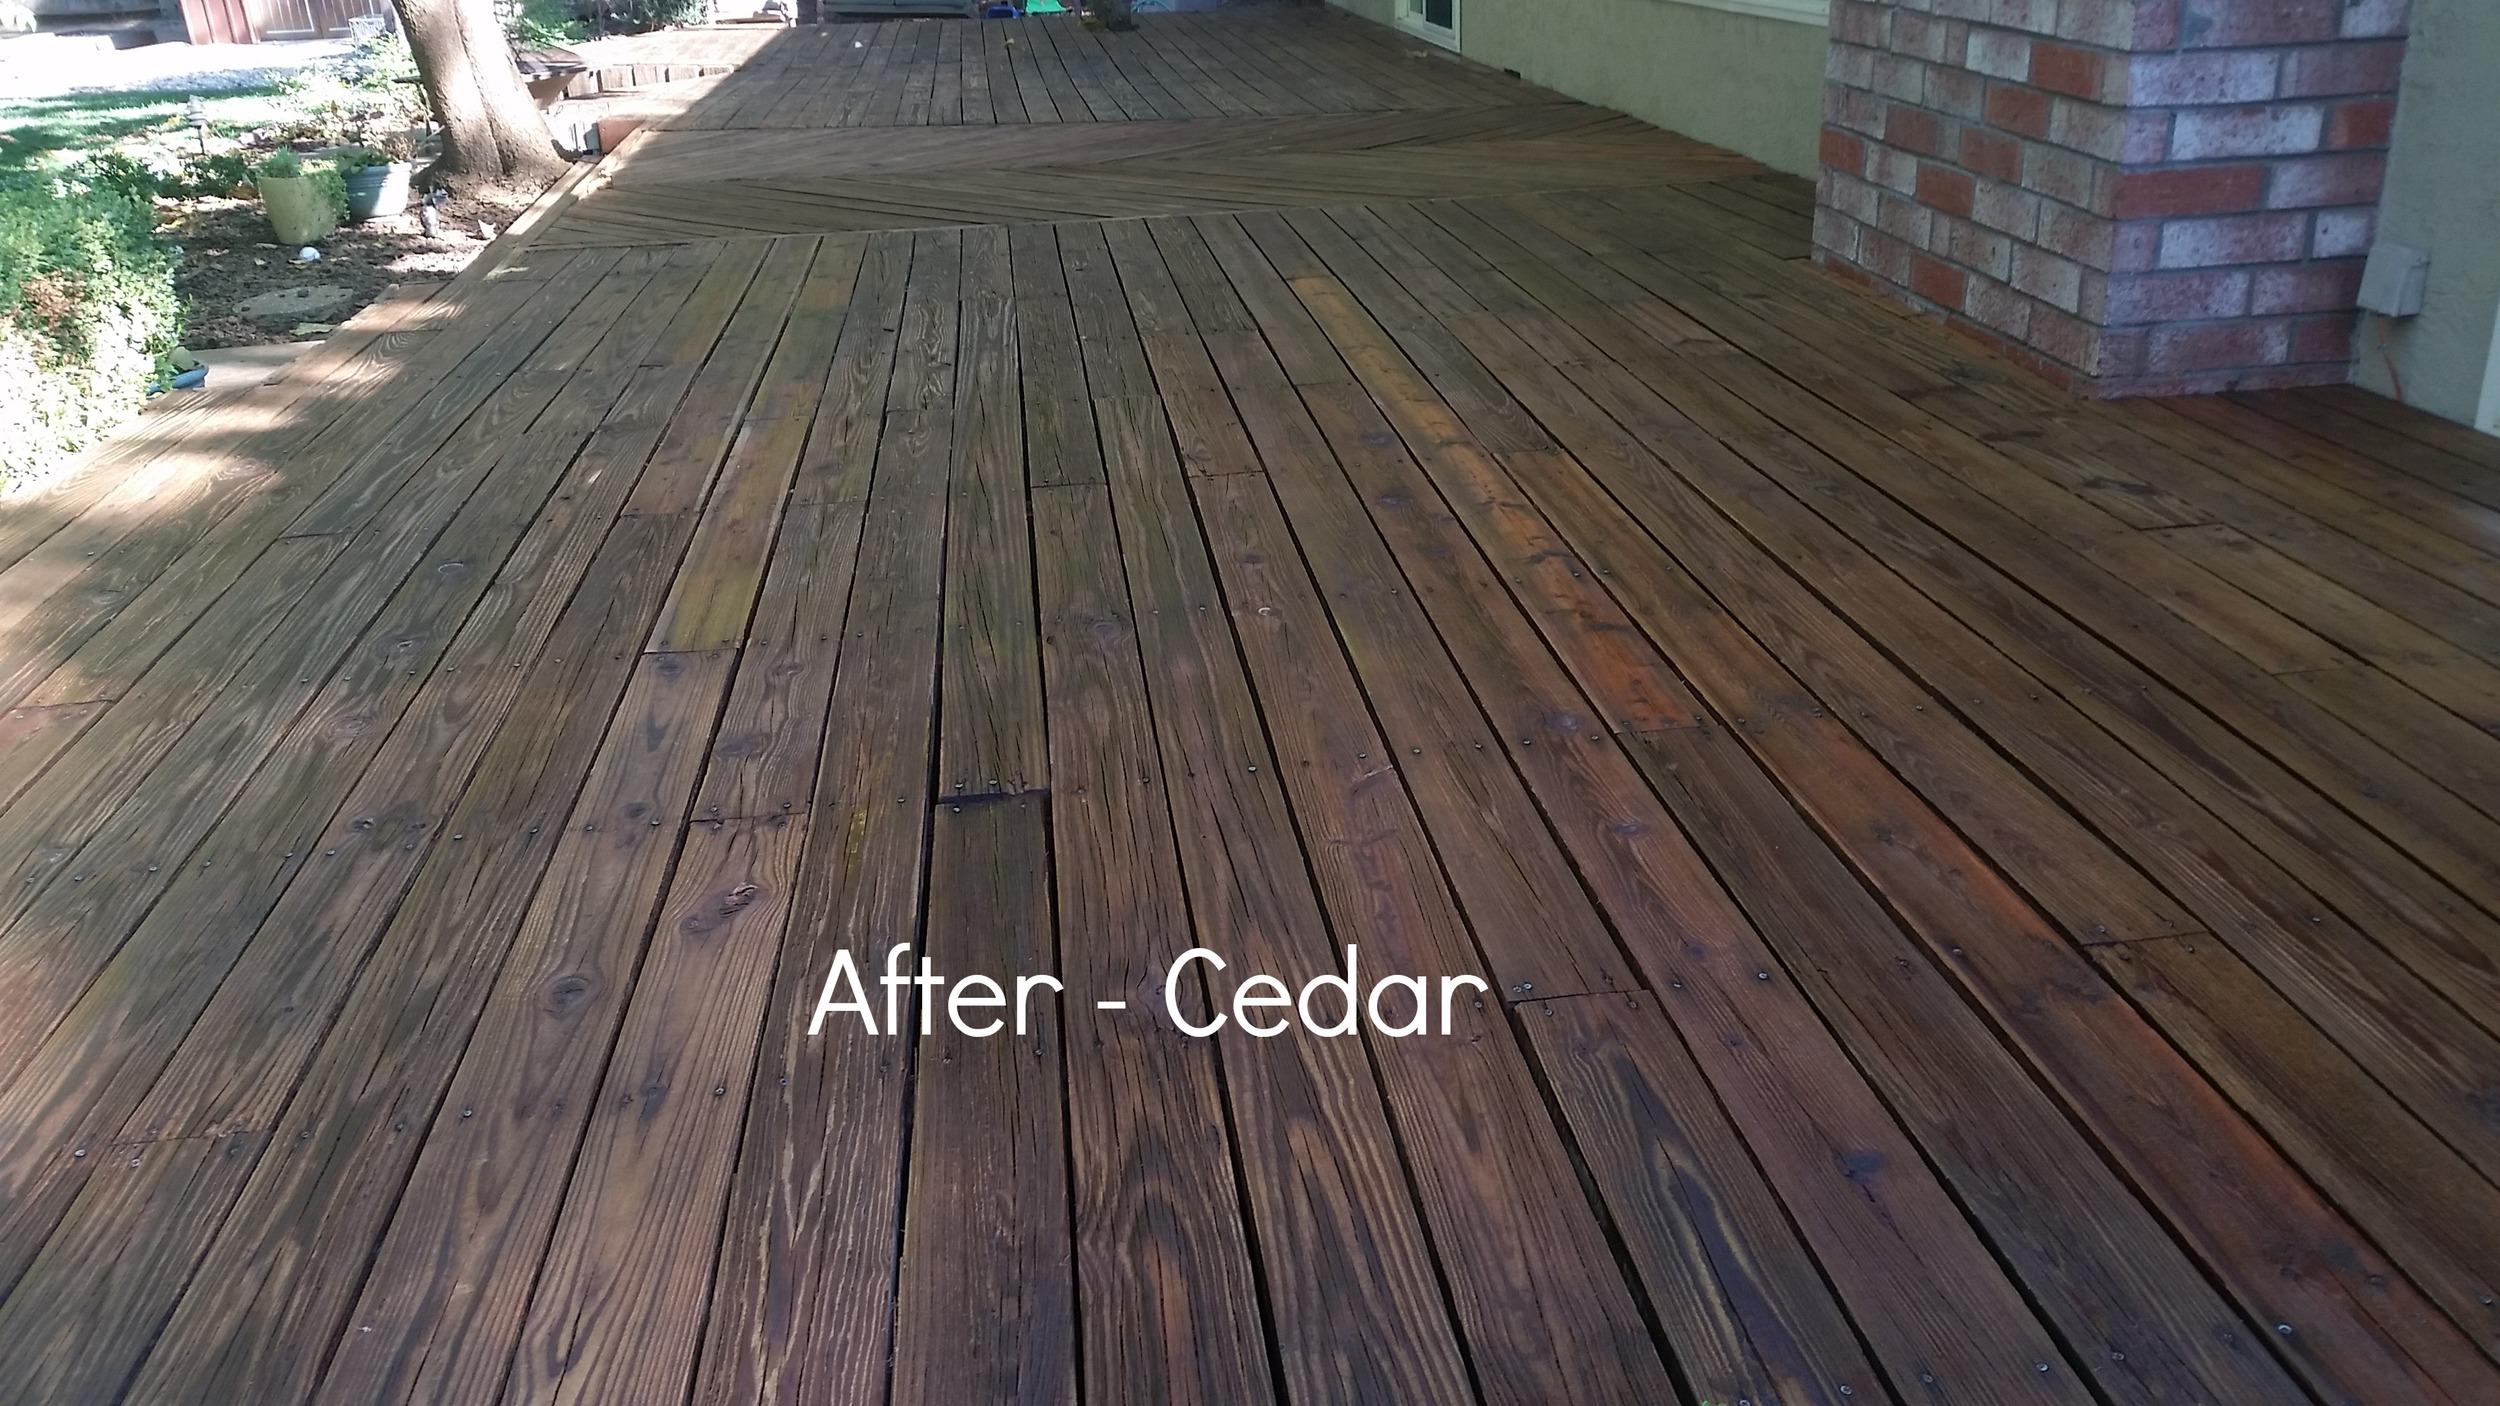 After-Cedar.jpg